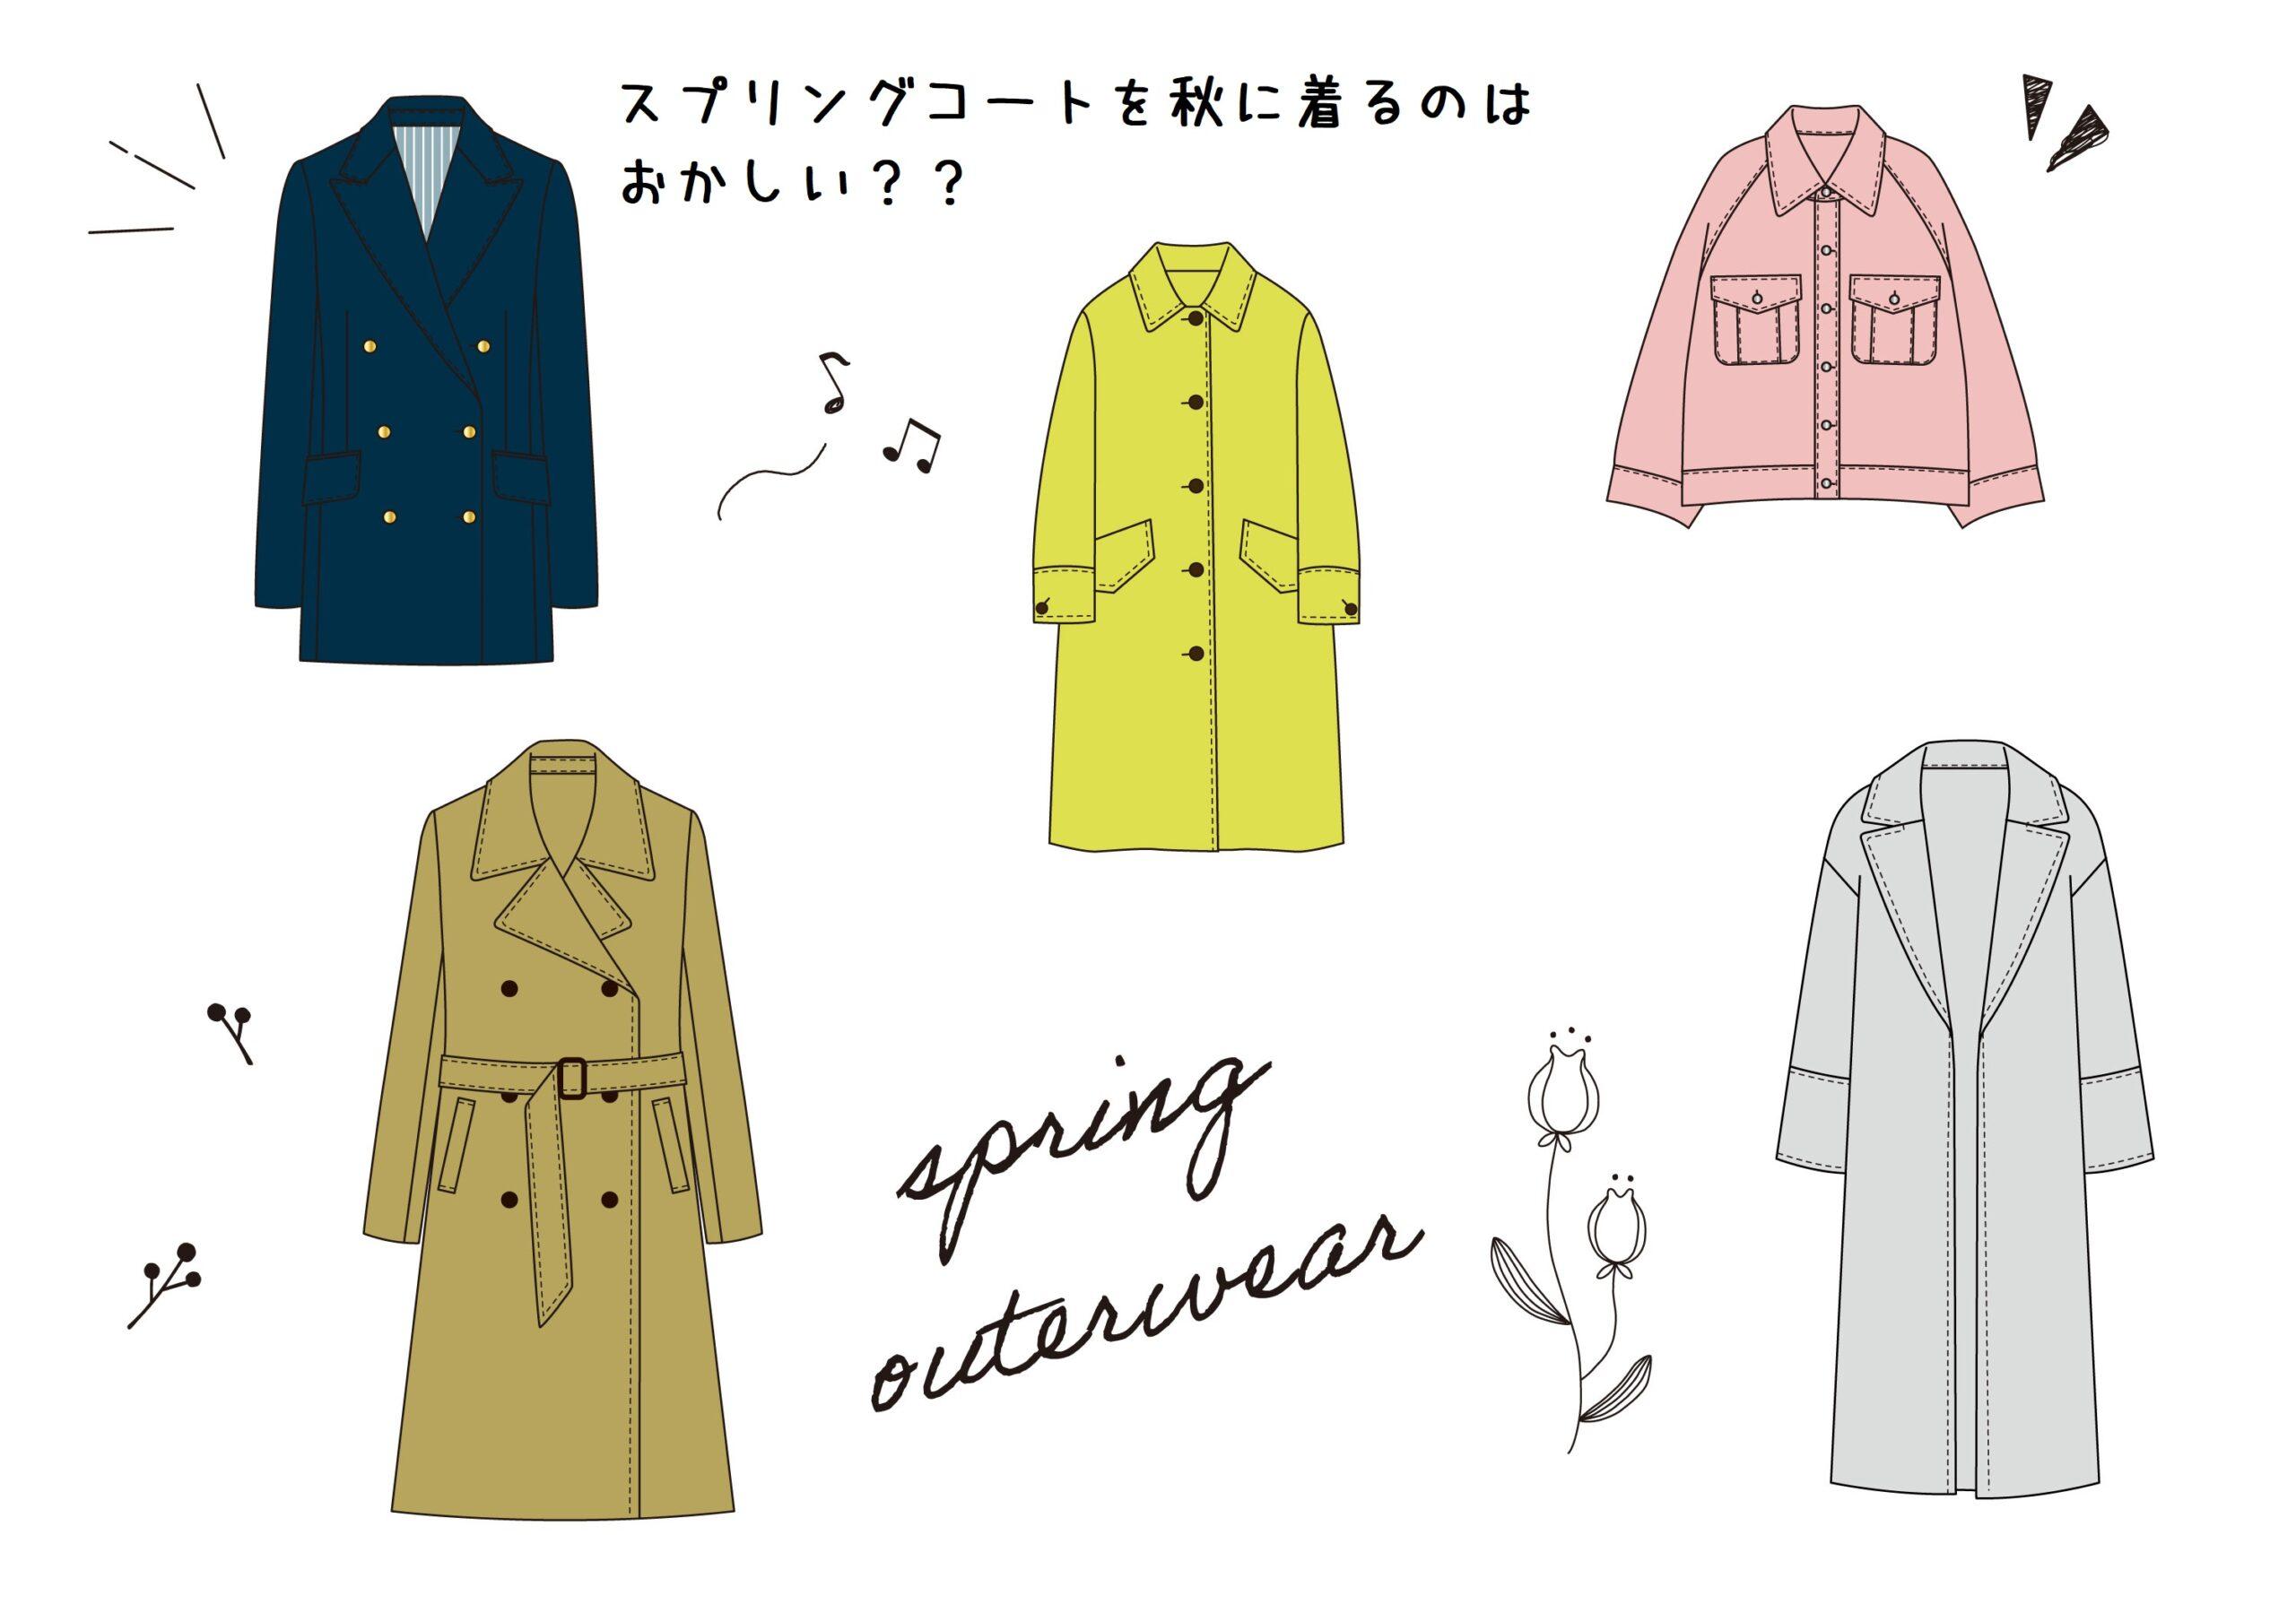 スプリングコートを秋に着るのは変?薄手のコートならダメ?ベージュやネイビーなら?